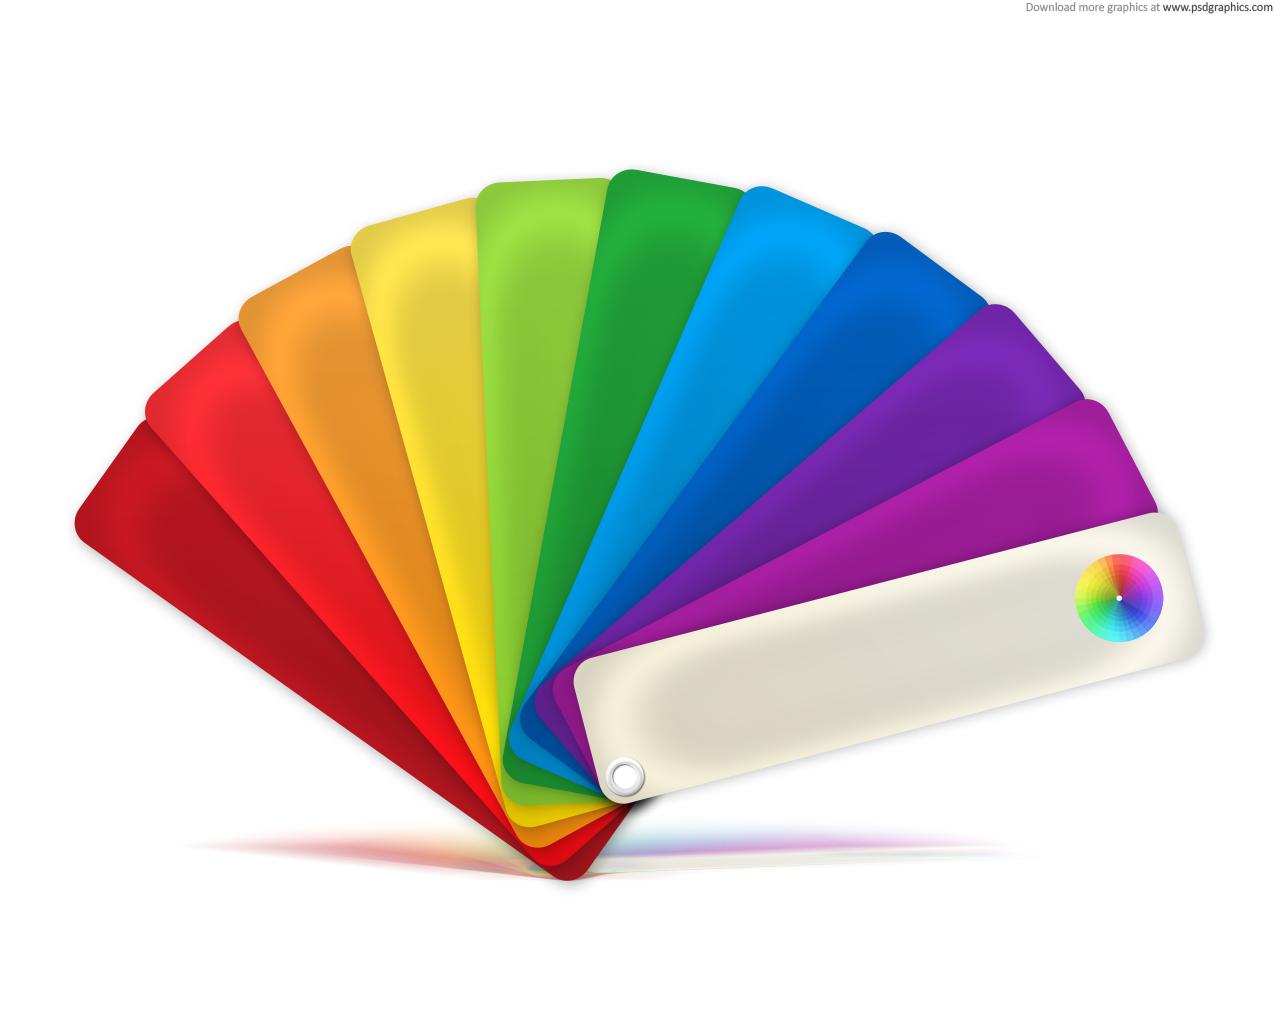 12 Color Icon Palette Images